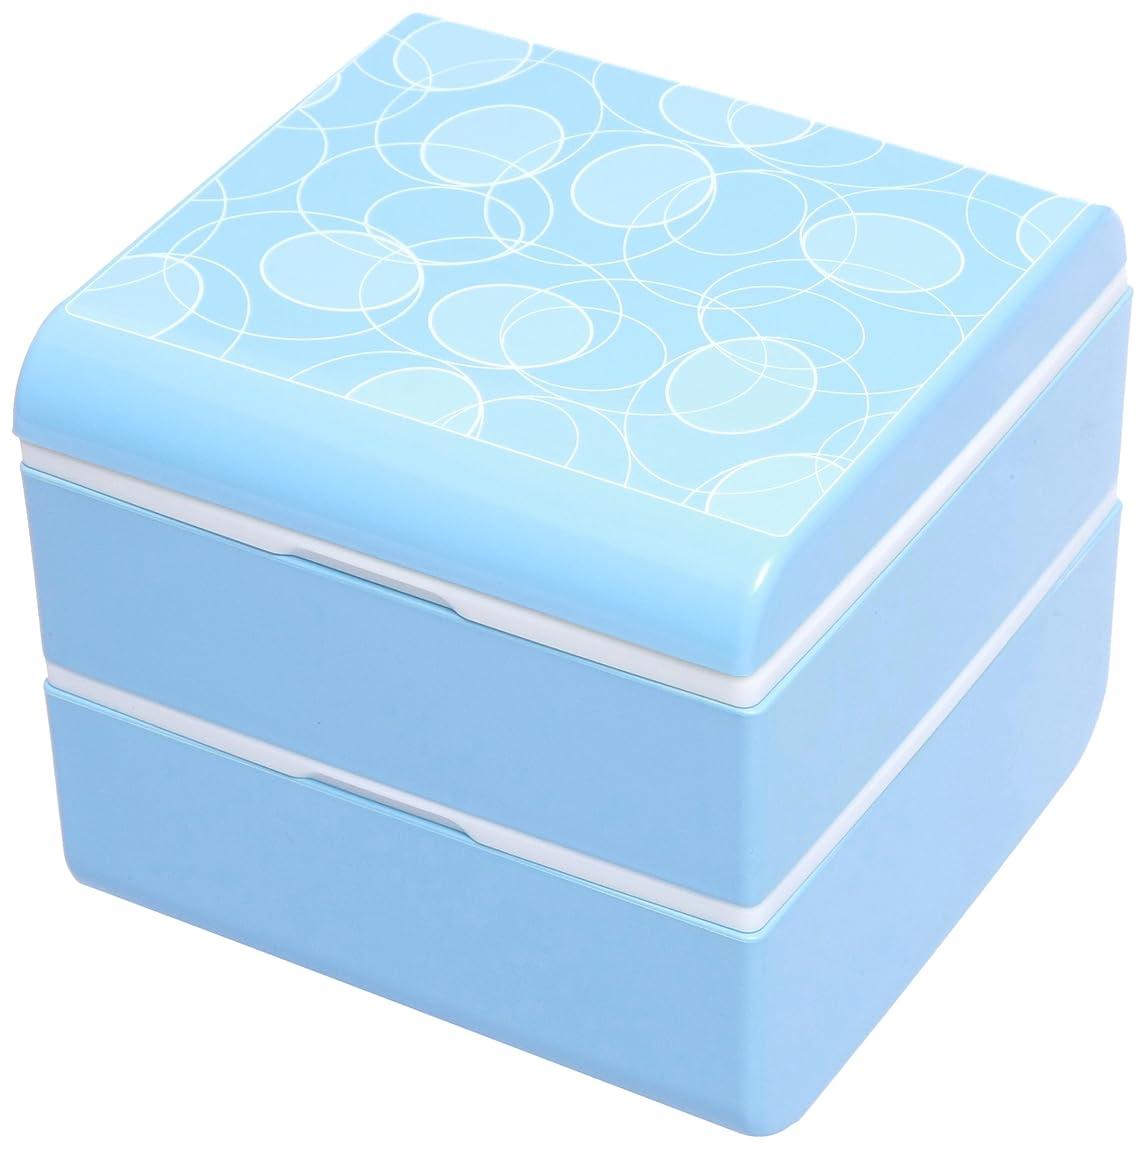 正和 『お弁当箱 2段』 wamoyou 正角二段弁当シャボン玉 ブルー